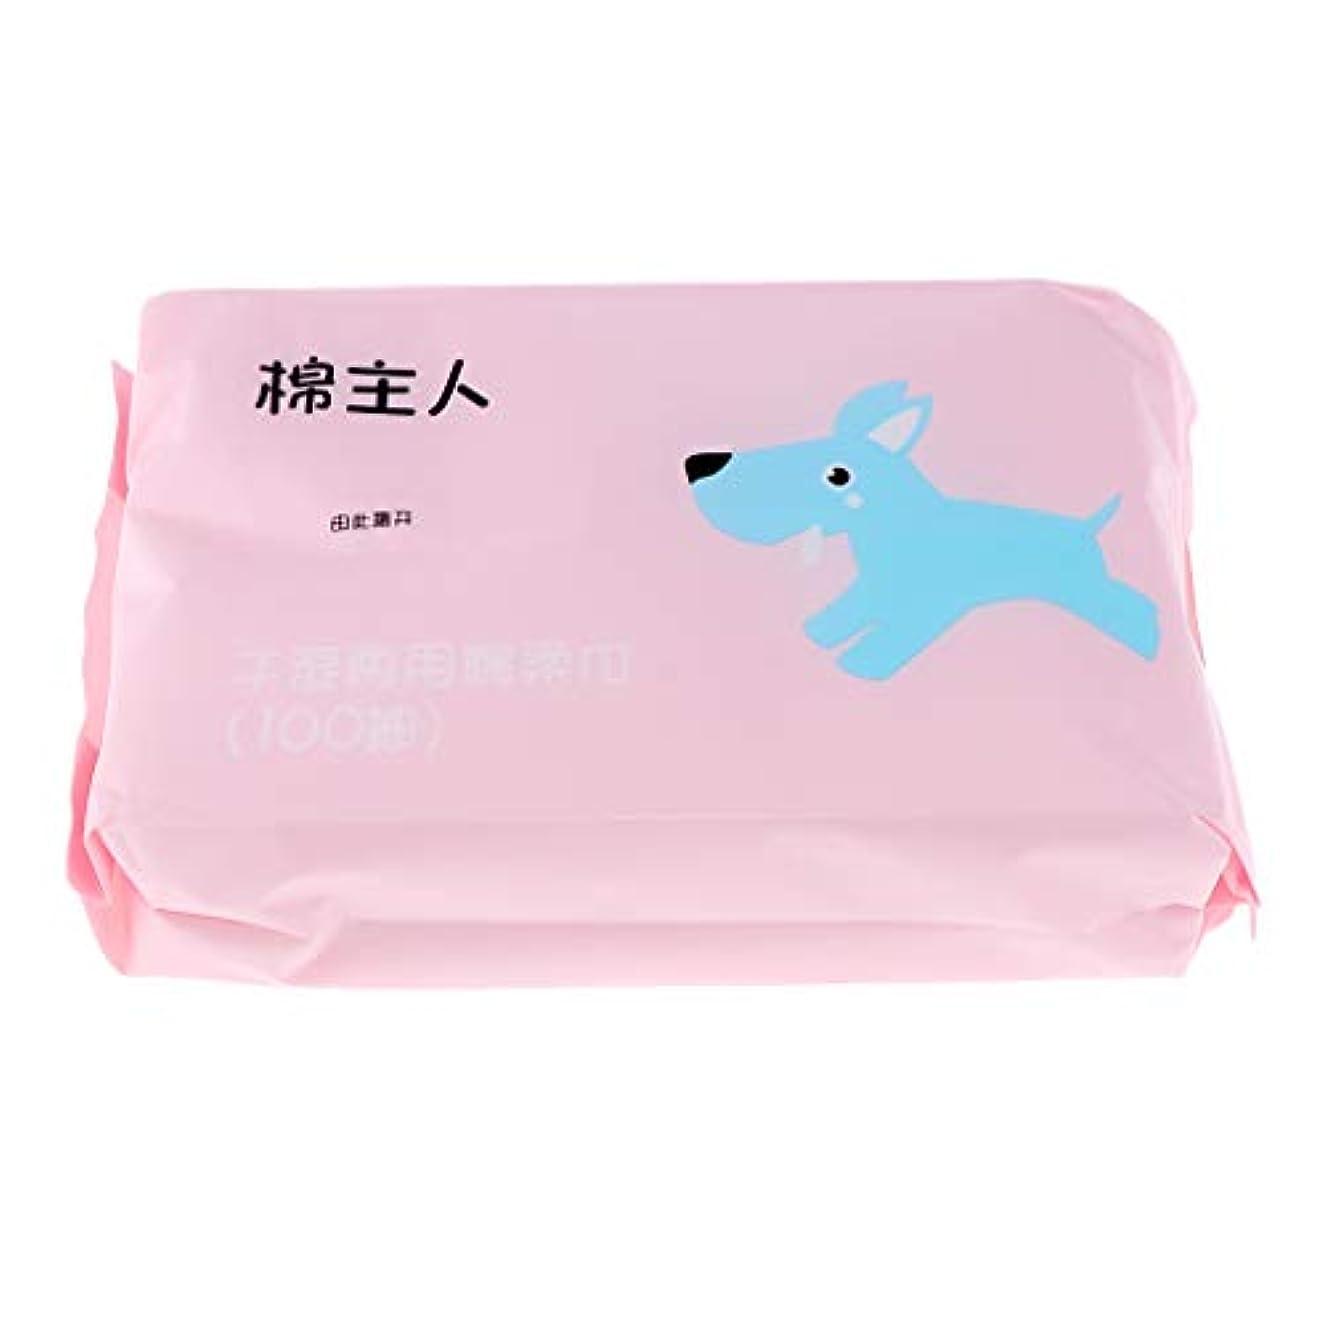 スクラッチソケット無駄にクレンジングシート メイク落とし 軽量 便利 敏感肌用 非刺激 不織布 フェイスタオル 約100枚 - ピンク